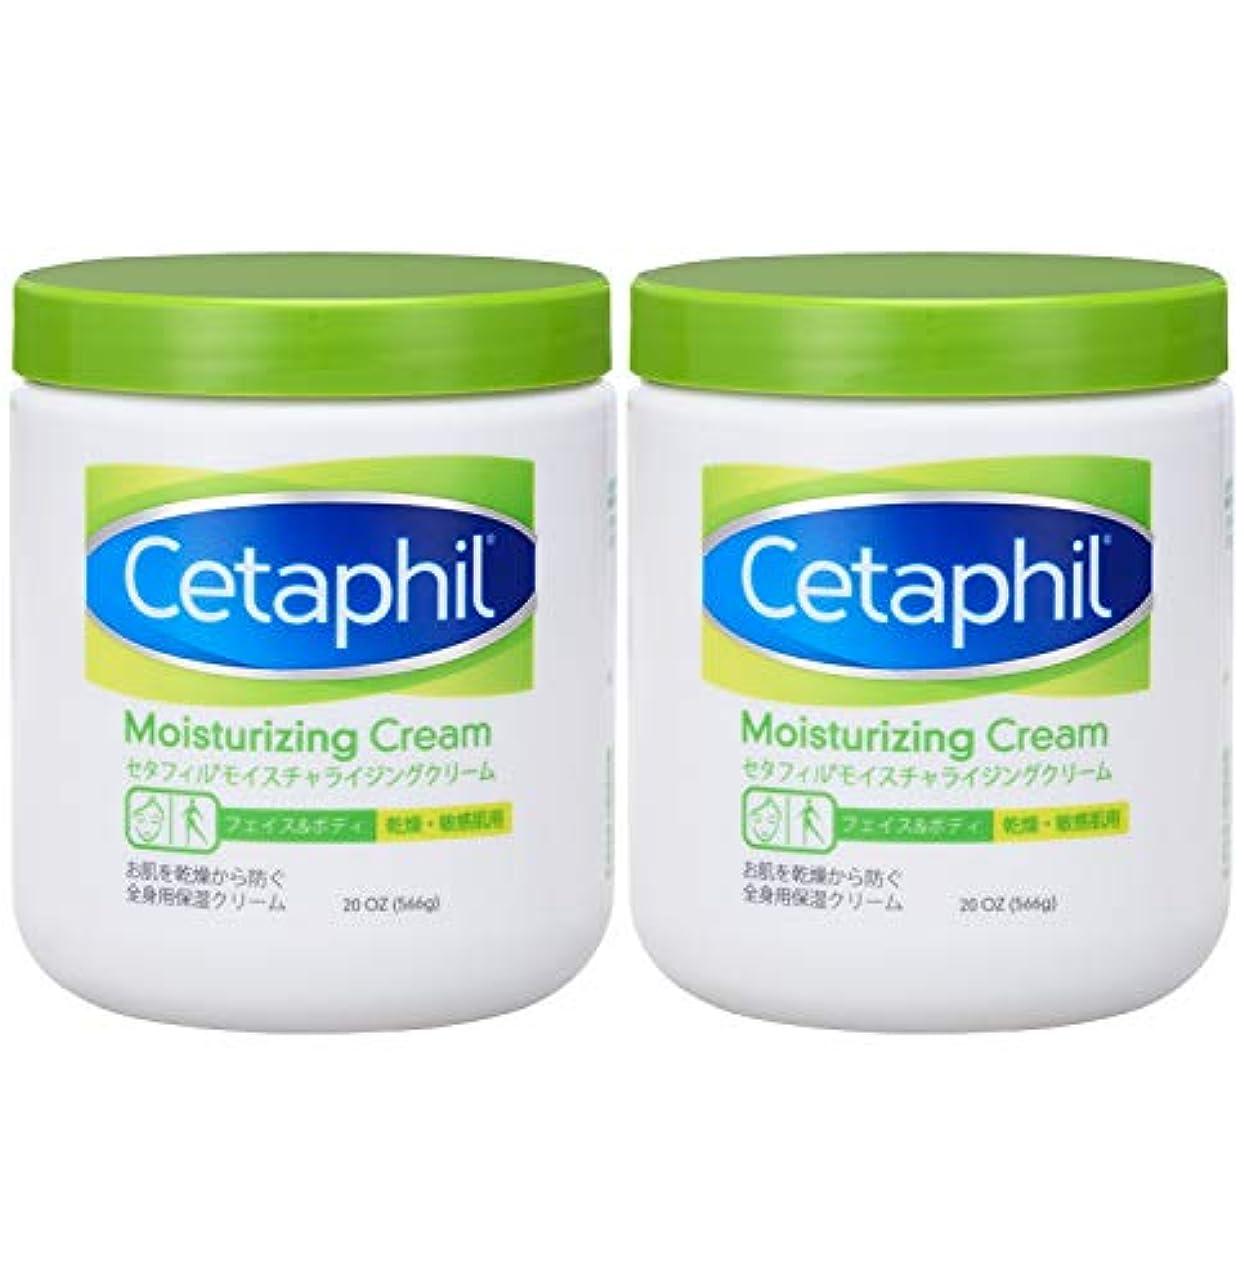 反射クリック書士セタフィル Cetaphil ® モイスチャライジングクリーム 566ml 2本組 ( フェイス & ボディ 保湿クリーム クリーム )